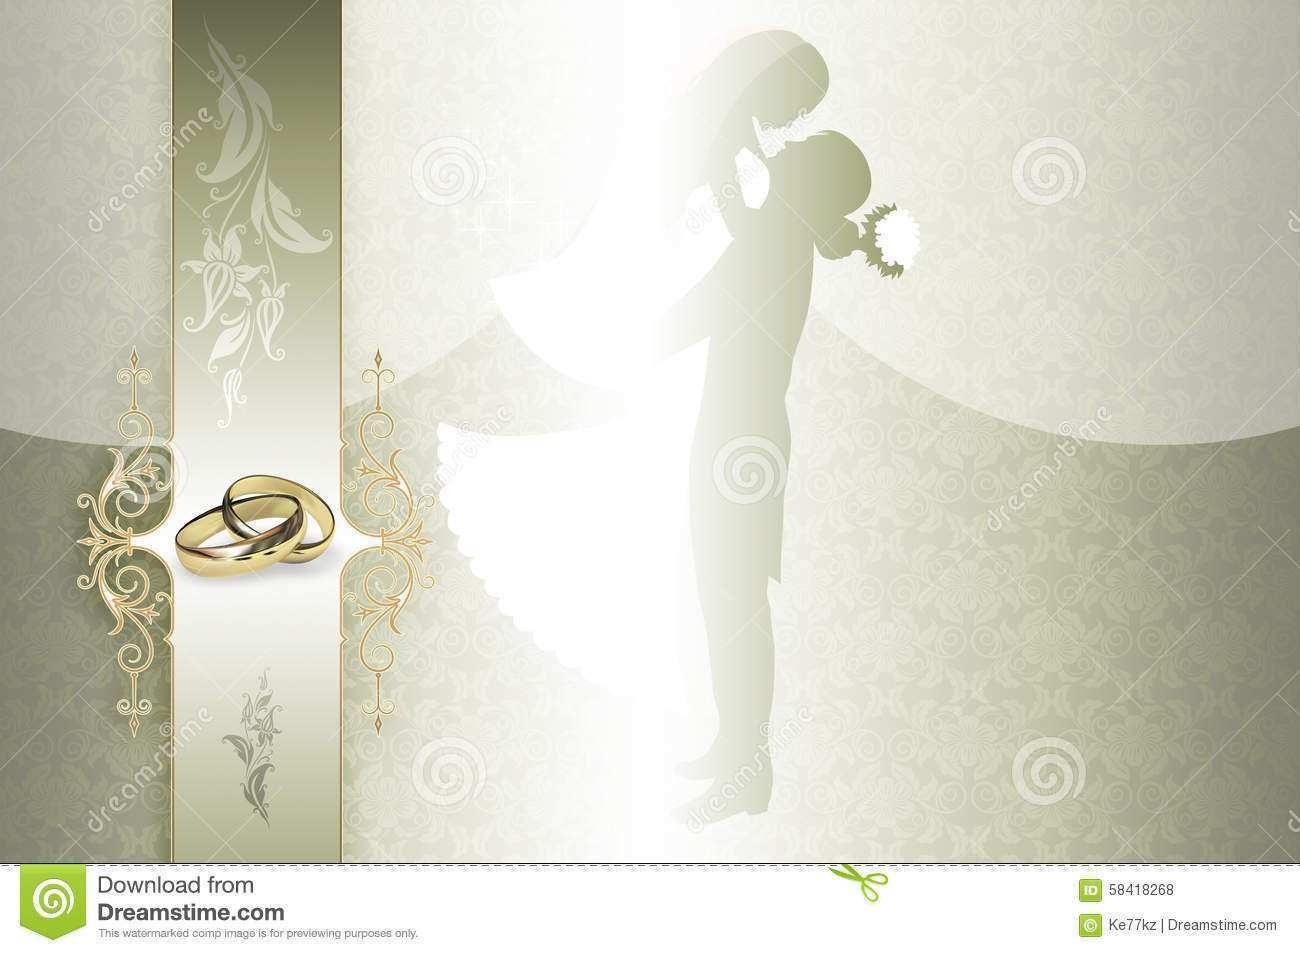 awdml wedding